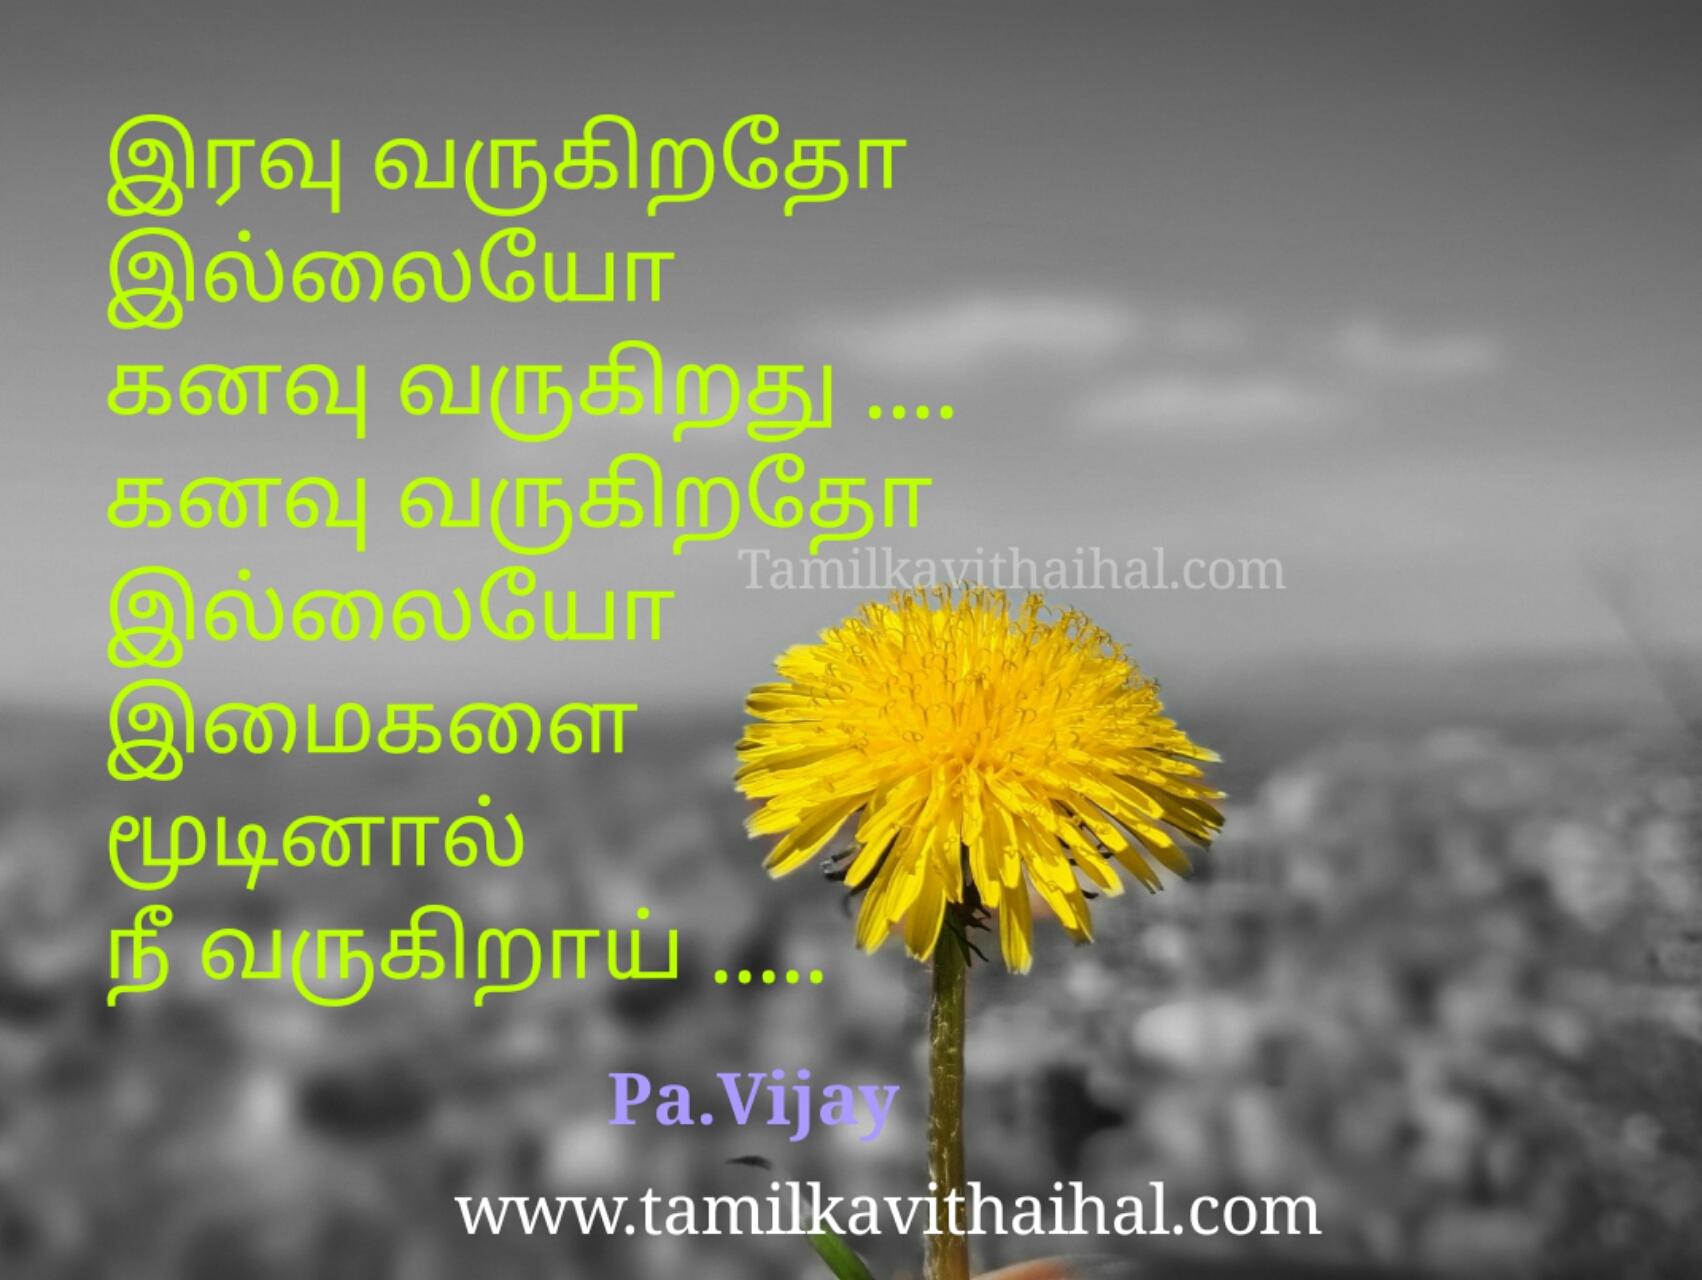 pa vijay kadhal kavithai iravu kanavu dream emaikal love poem